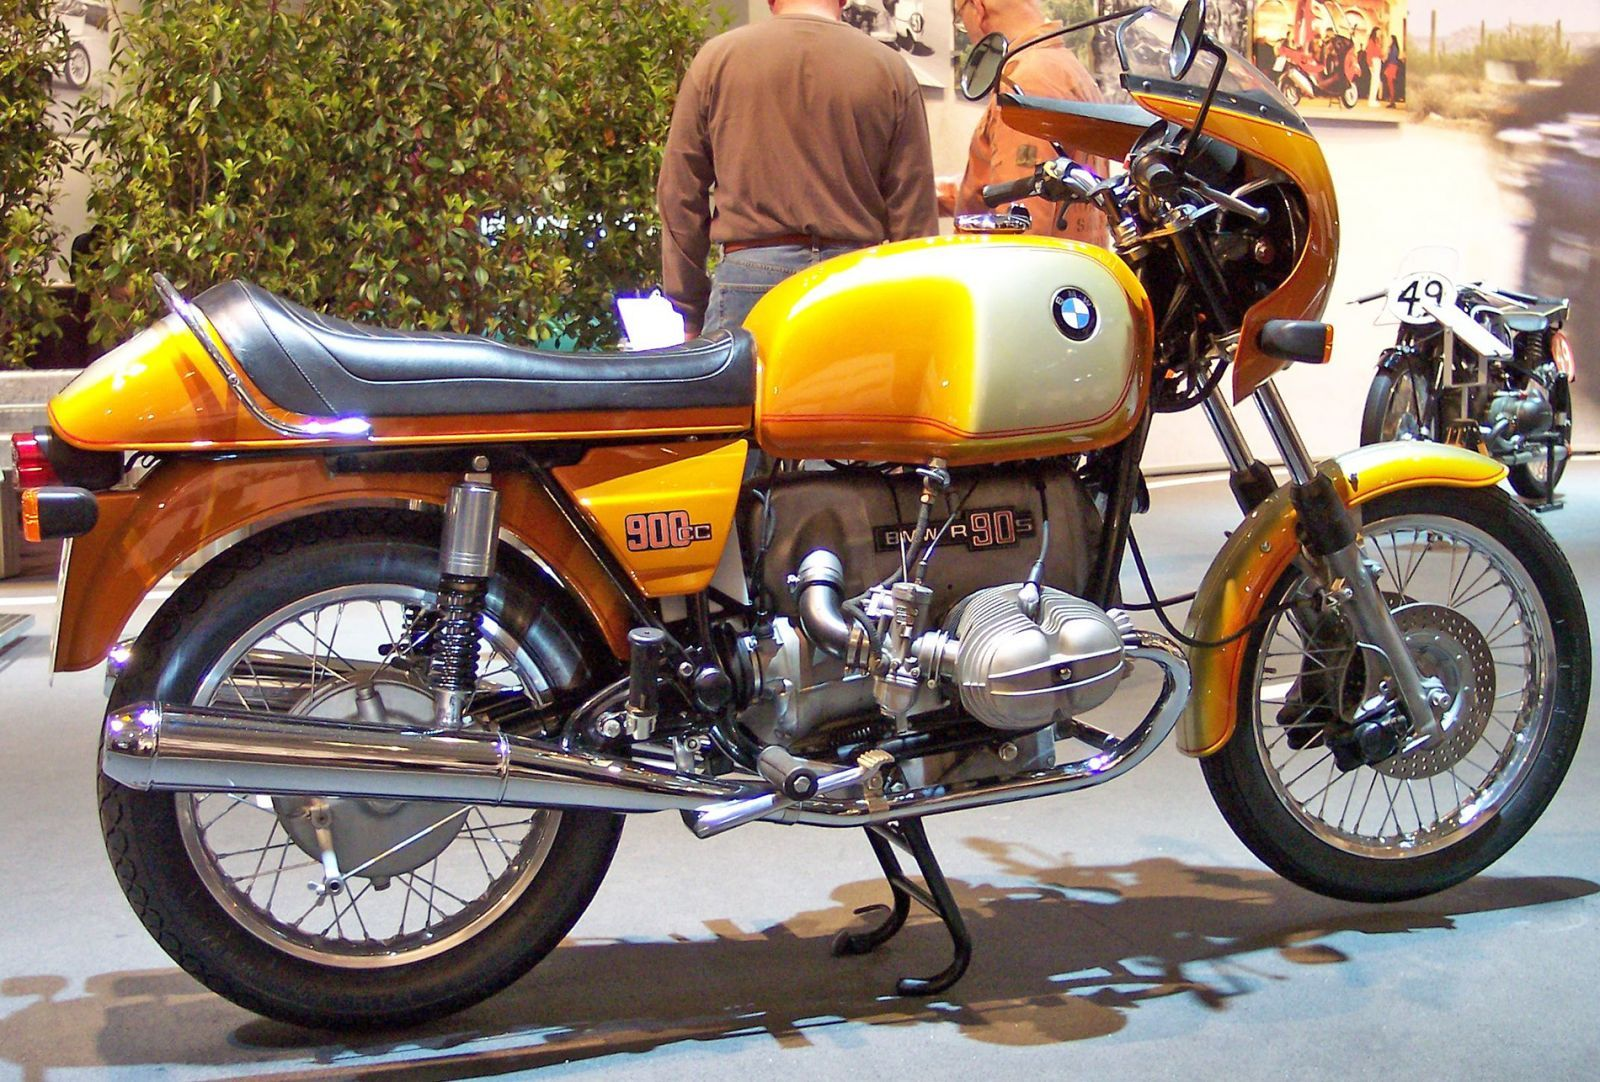 moto bmw vintage r90s c l bre routi re sportive des 70 39 s moto scooter motos d 39 occasion. Black Bedroom Furniture Sets. Home Design Ideas